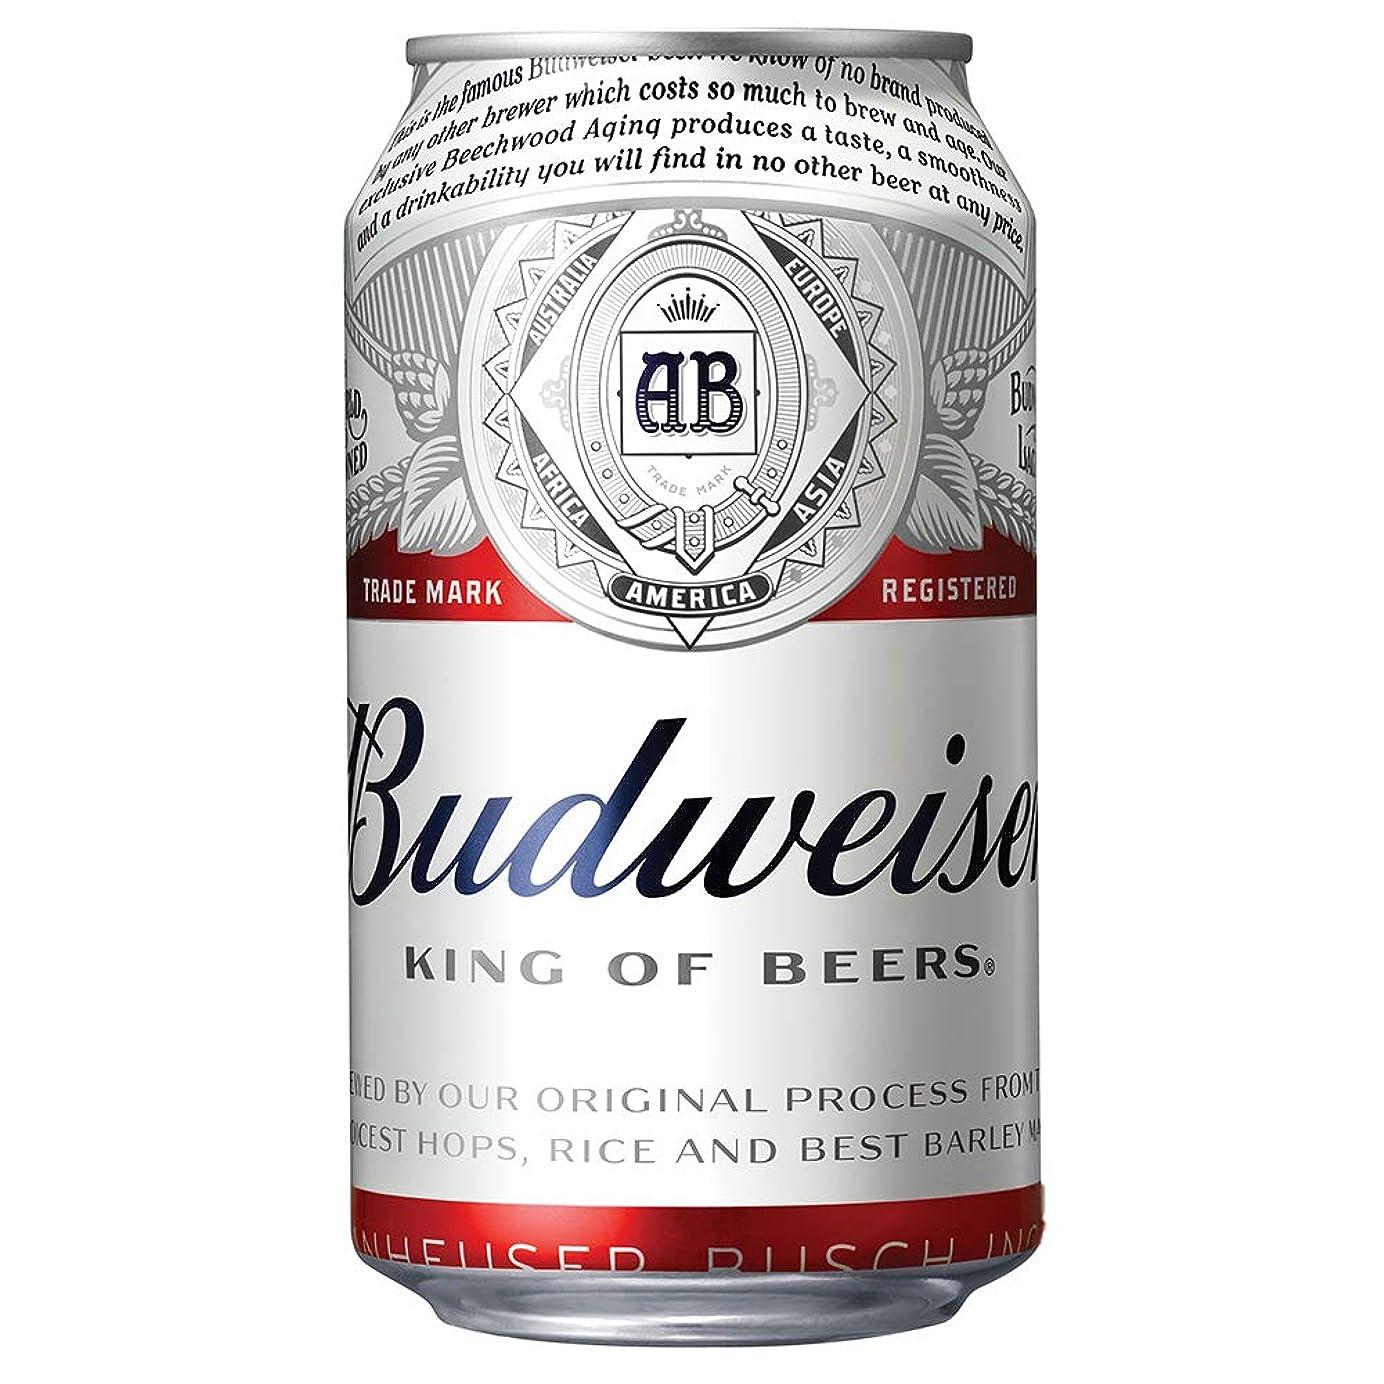 アプローチスーダン僕のバドワイザー ビール 355ml缶 [ ラガータイプ アメリカ 355ml×24本 ]